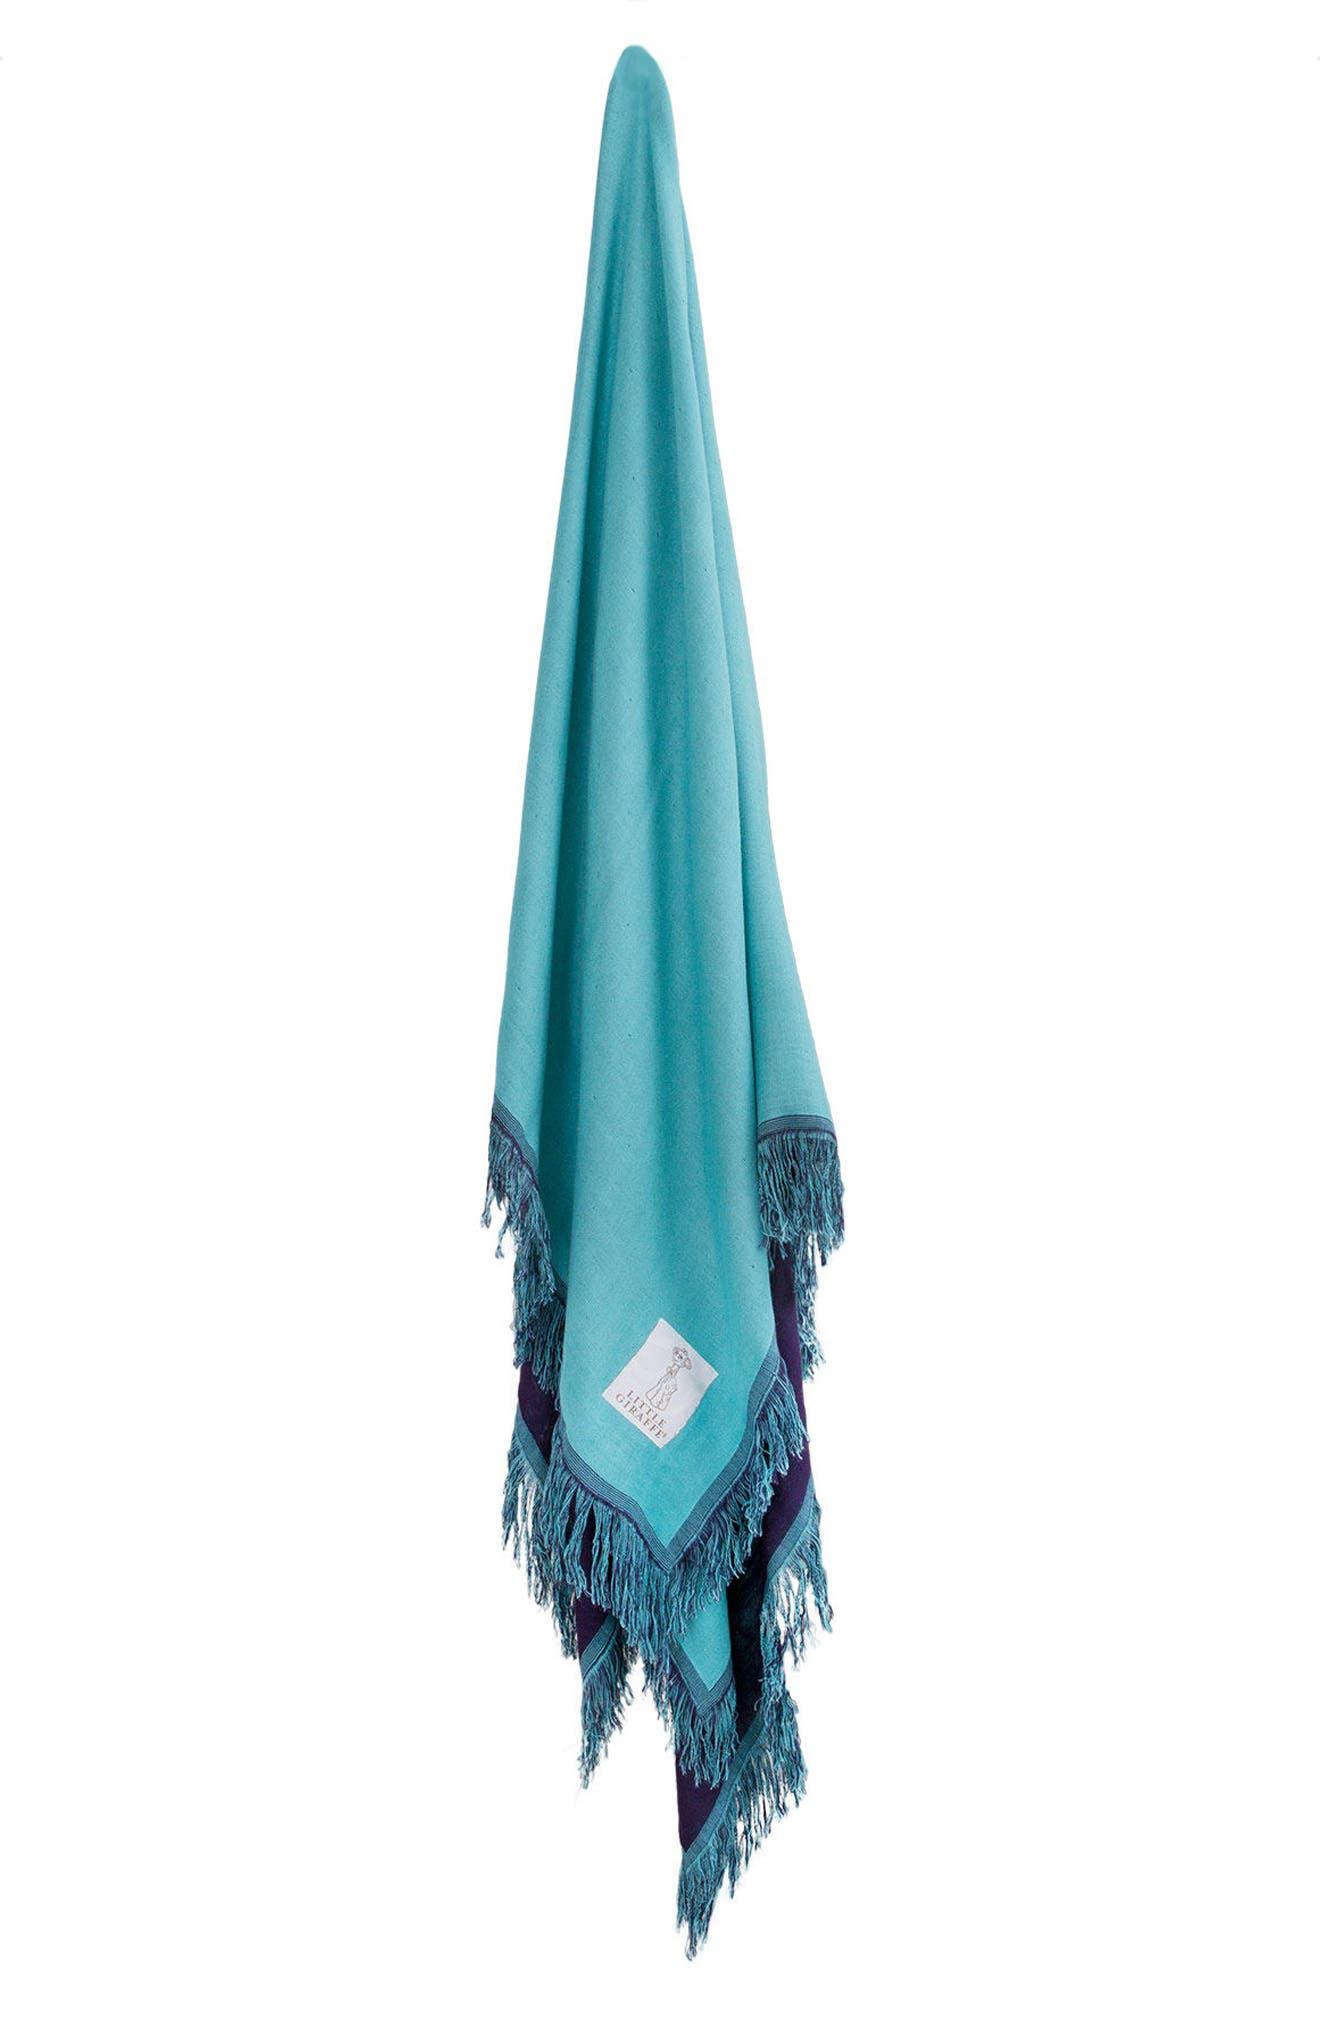 LITTLE GIRAFFE, Marrakech Fringe Blanket, Main thumbnail 1, color, DENIM/ TEAL